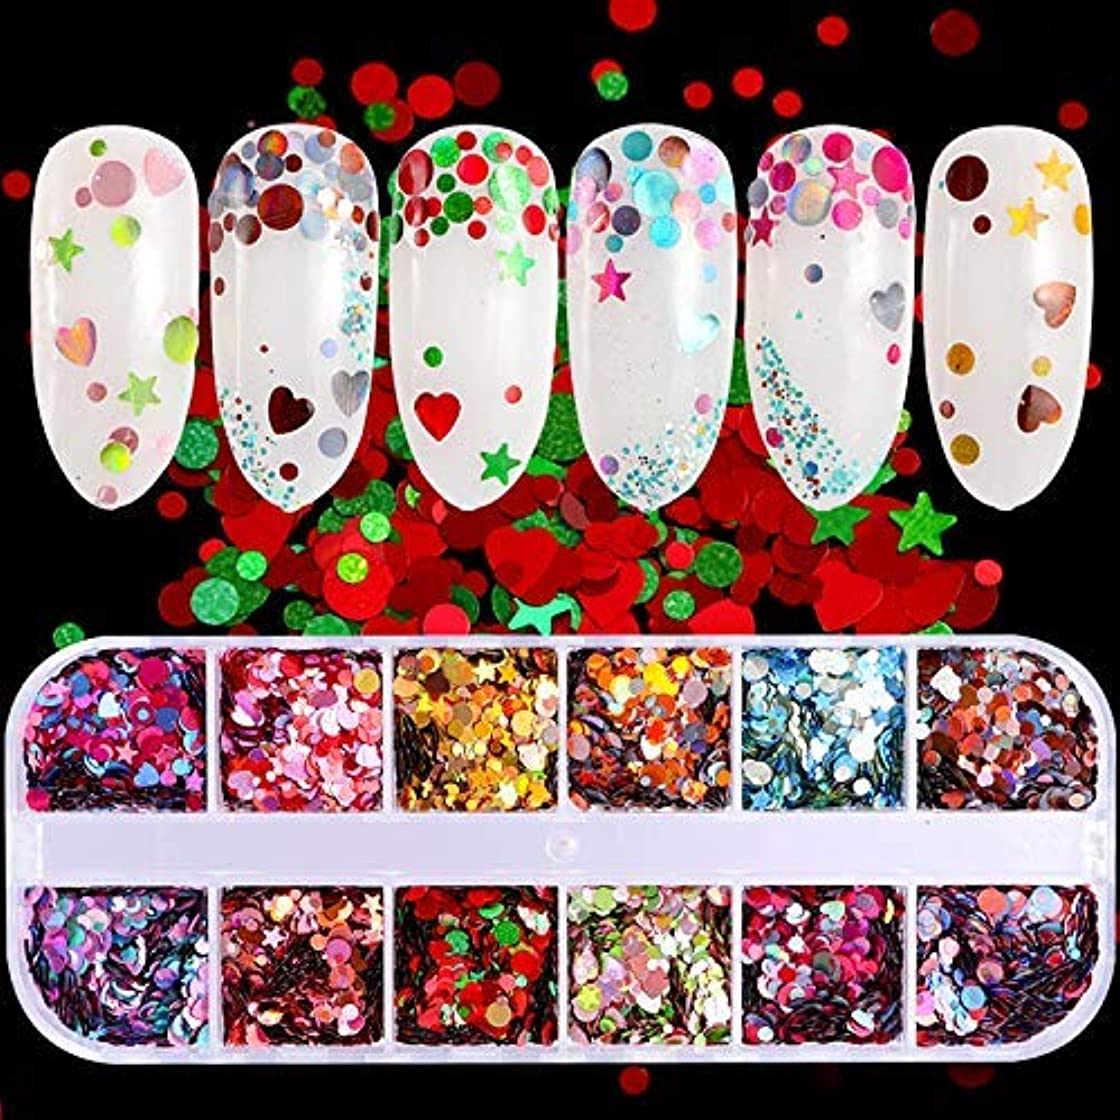 女王恋人製品1ボックスミックスカラー3サイズミックスラウンドスターハートグリッターホログラフィックスパンコールネイルアートパイレットデカールDIYチップ